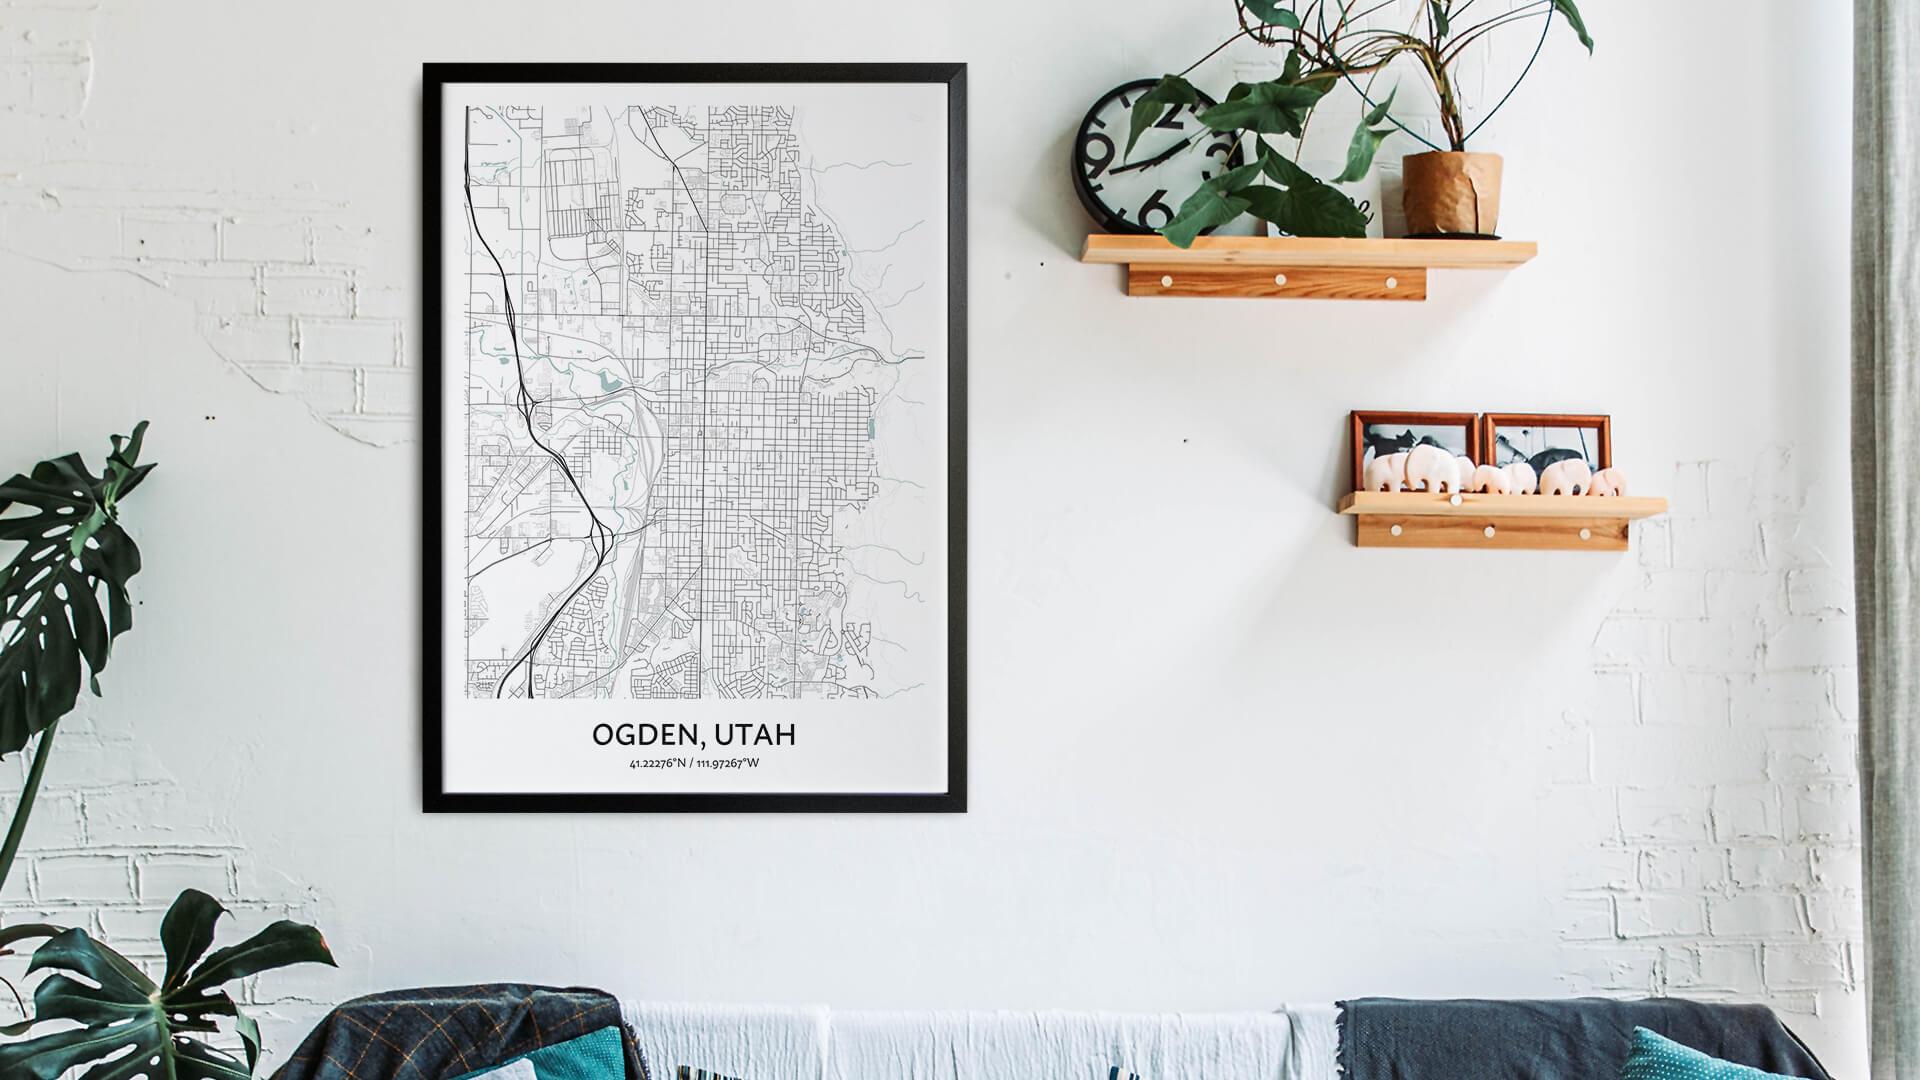 Ogden map art